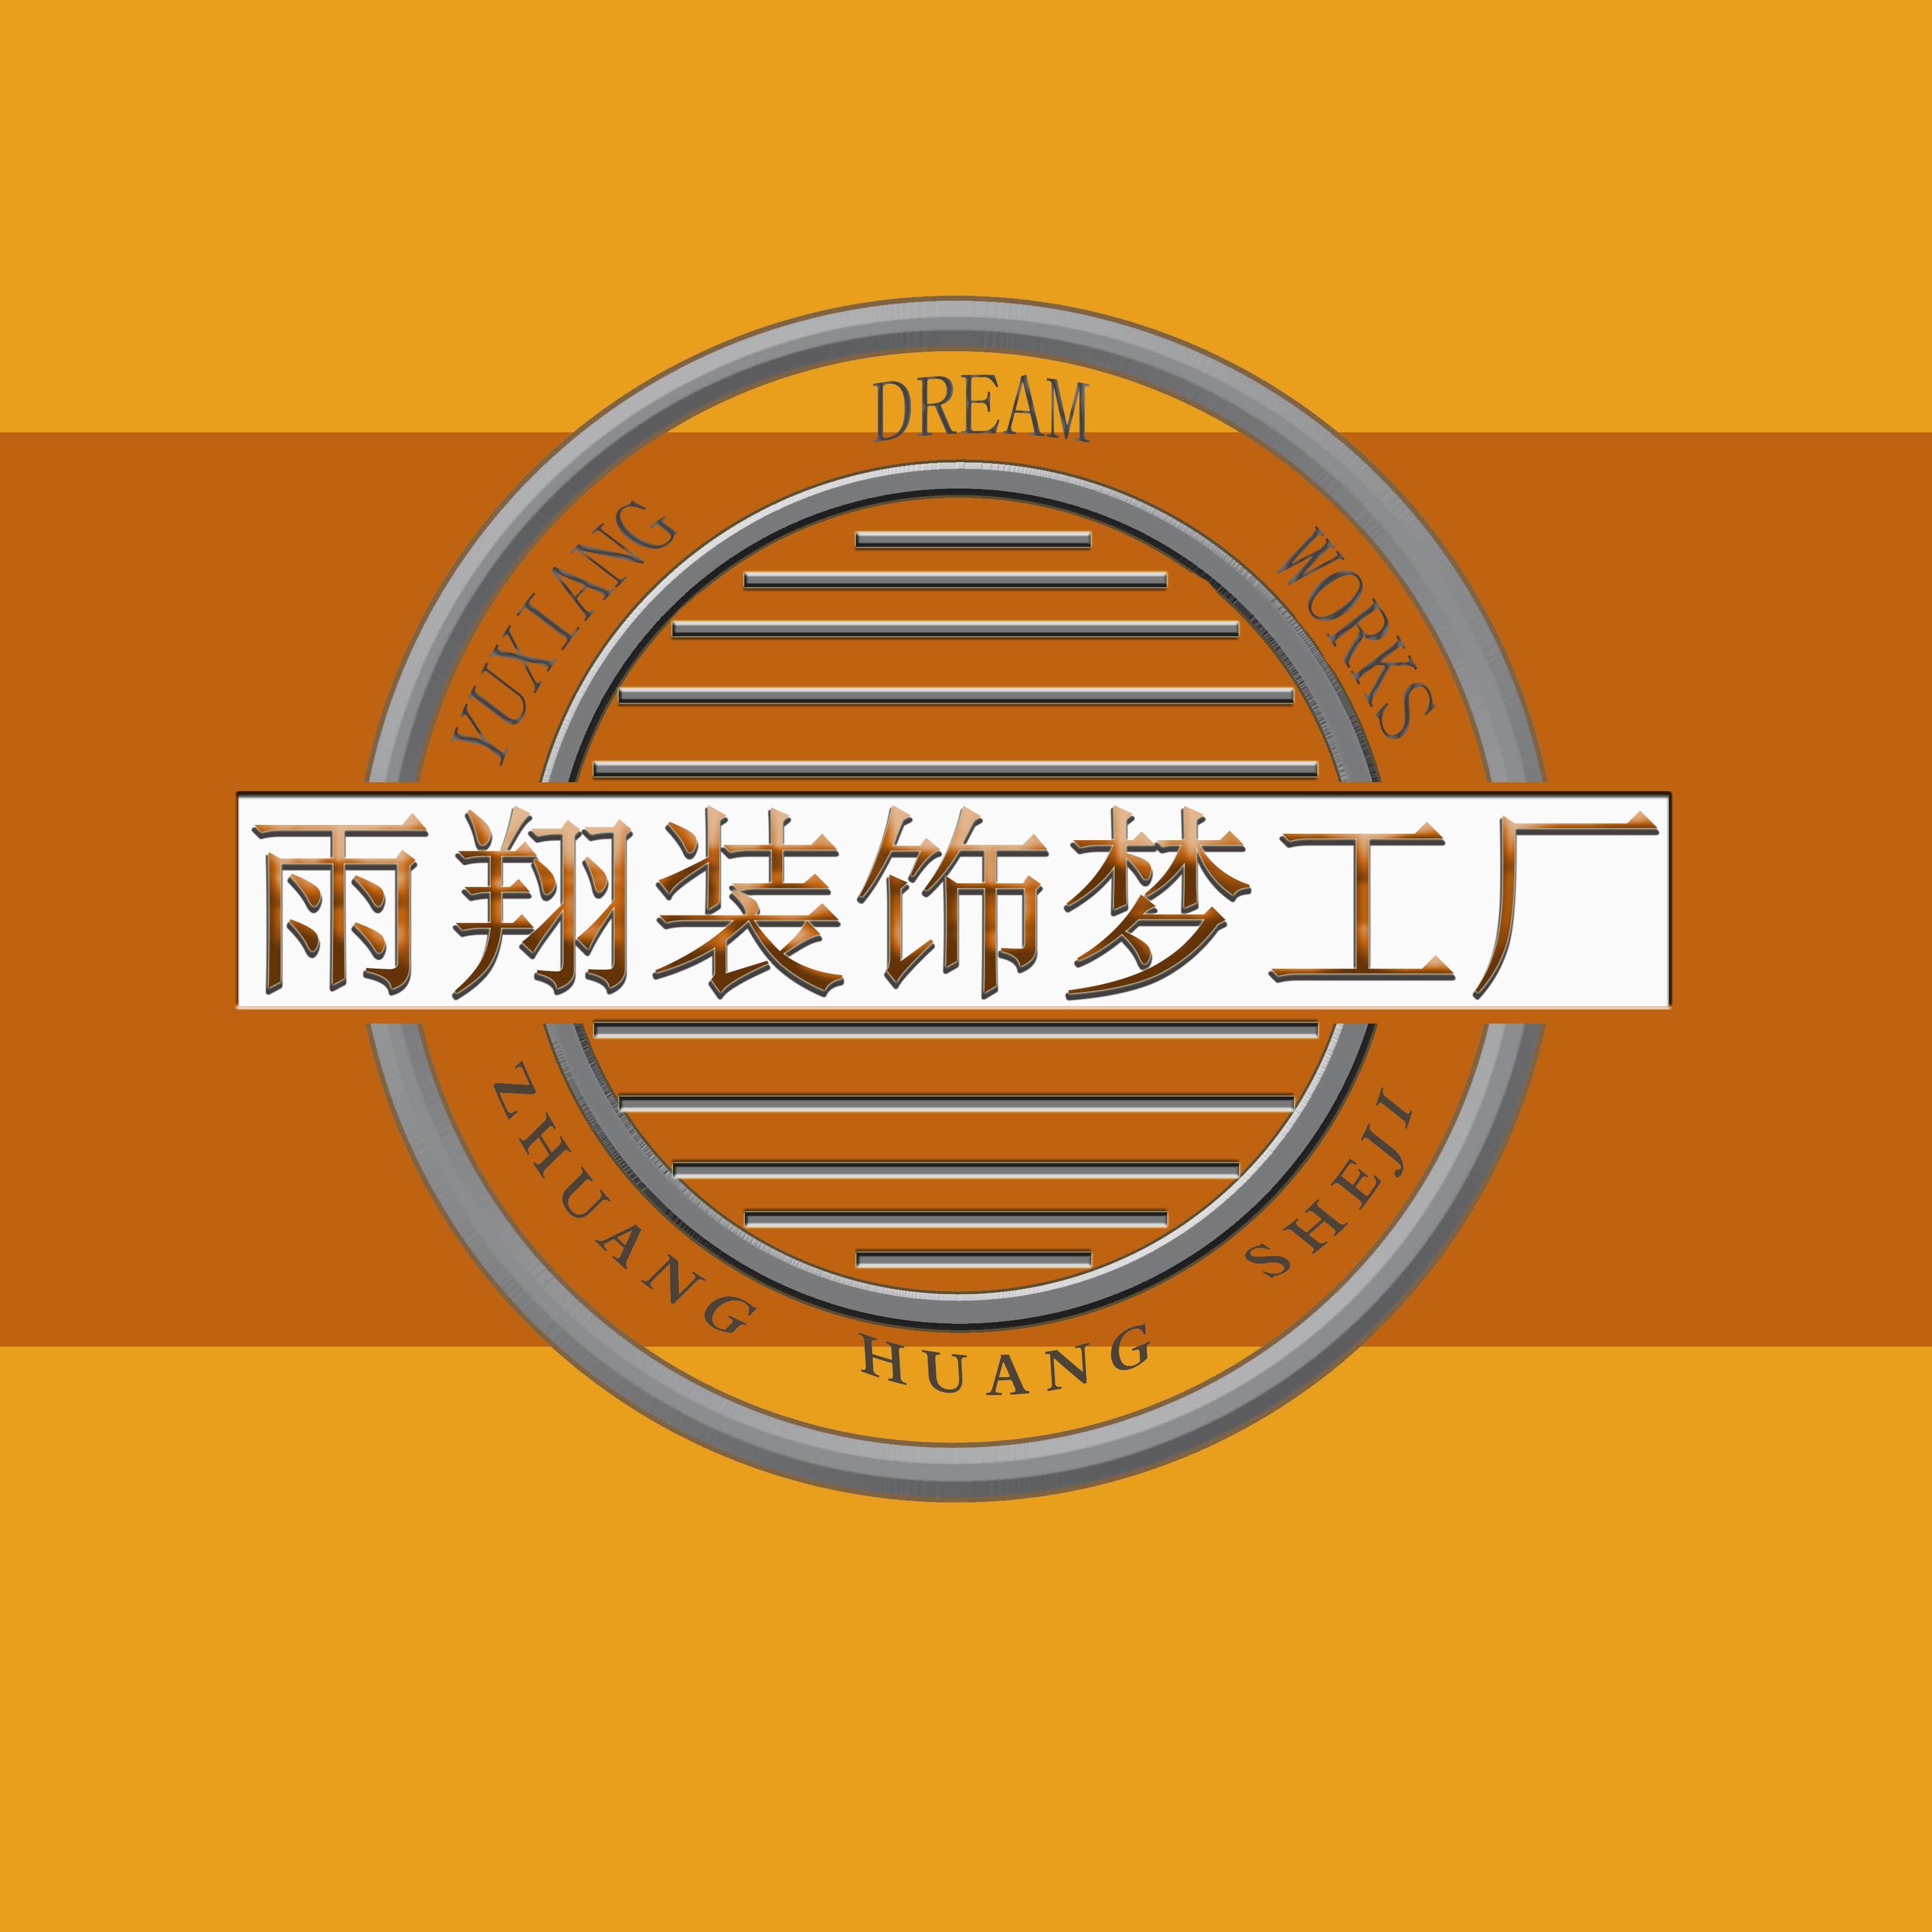 甘肃雨翔建筑装饰工程有限公司 - 兰州装修公司